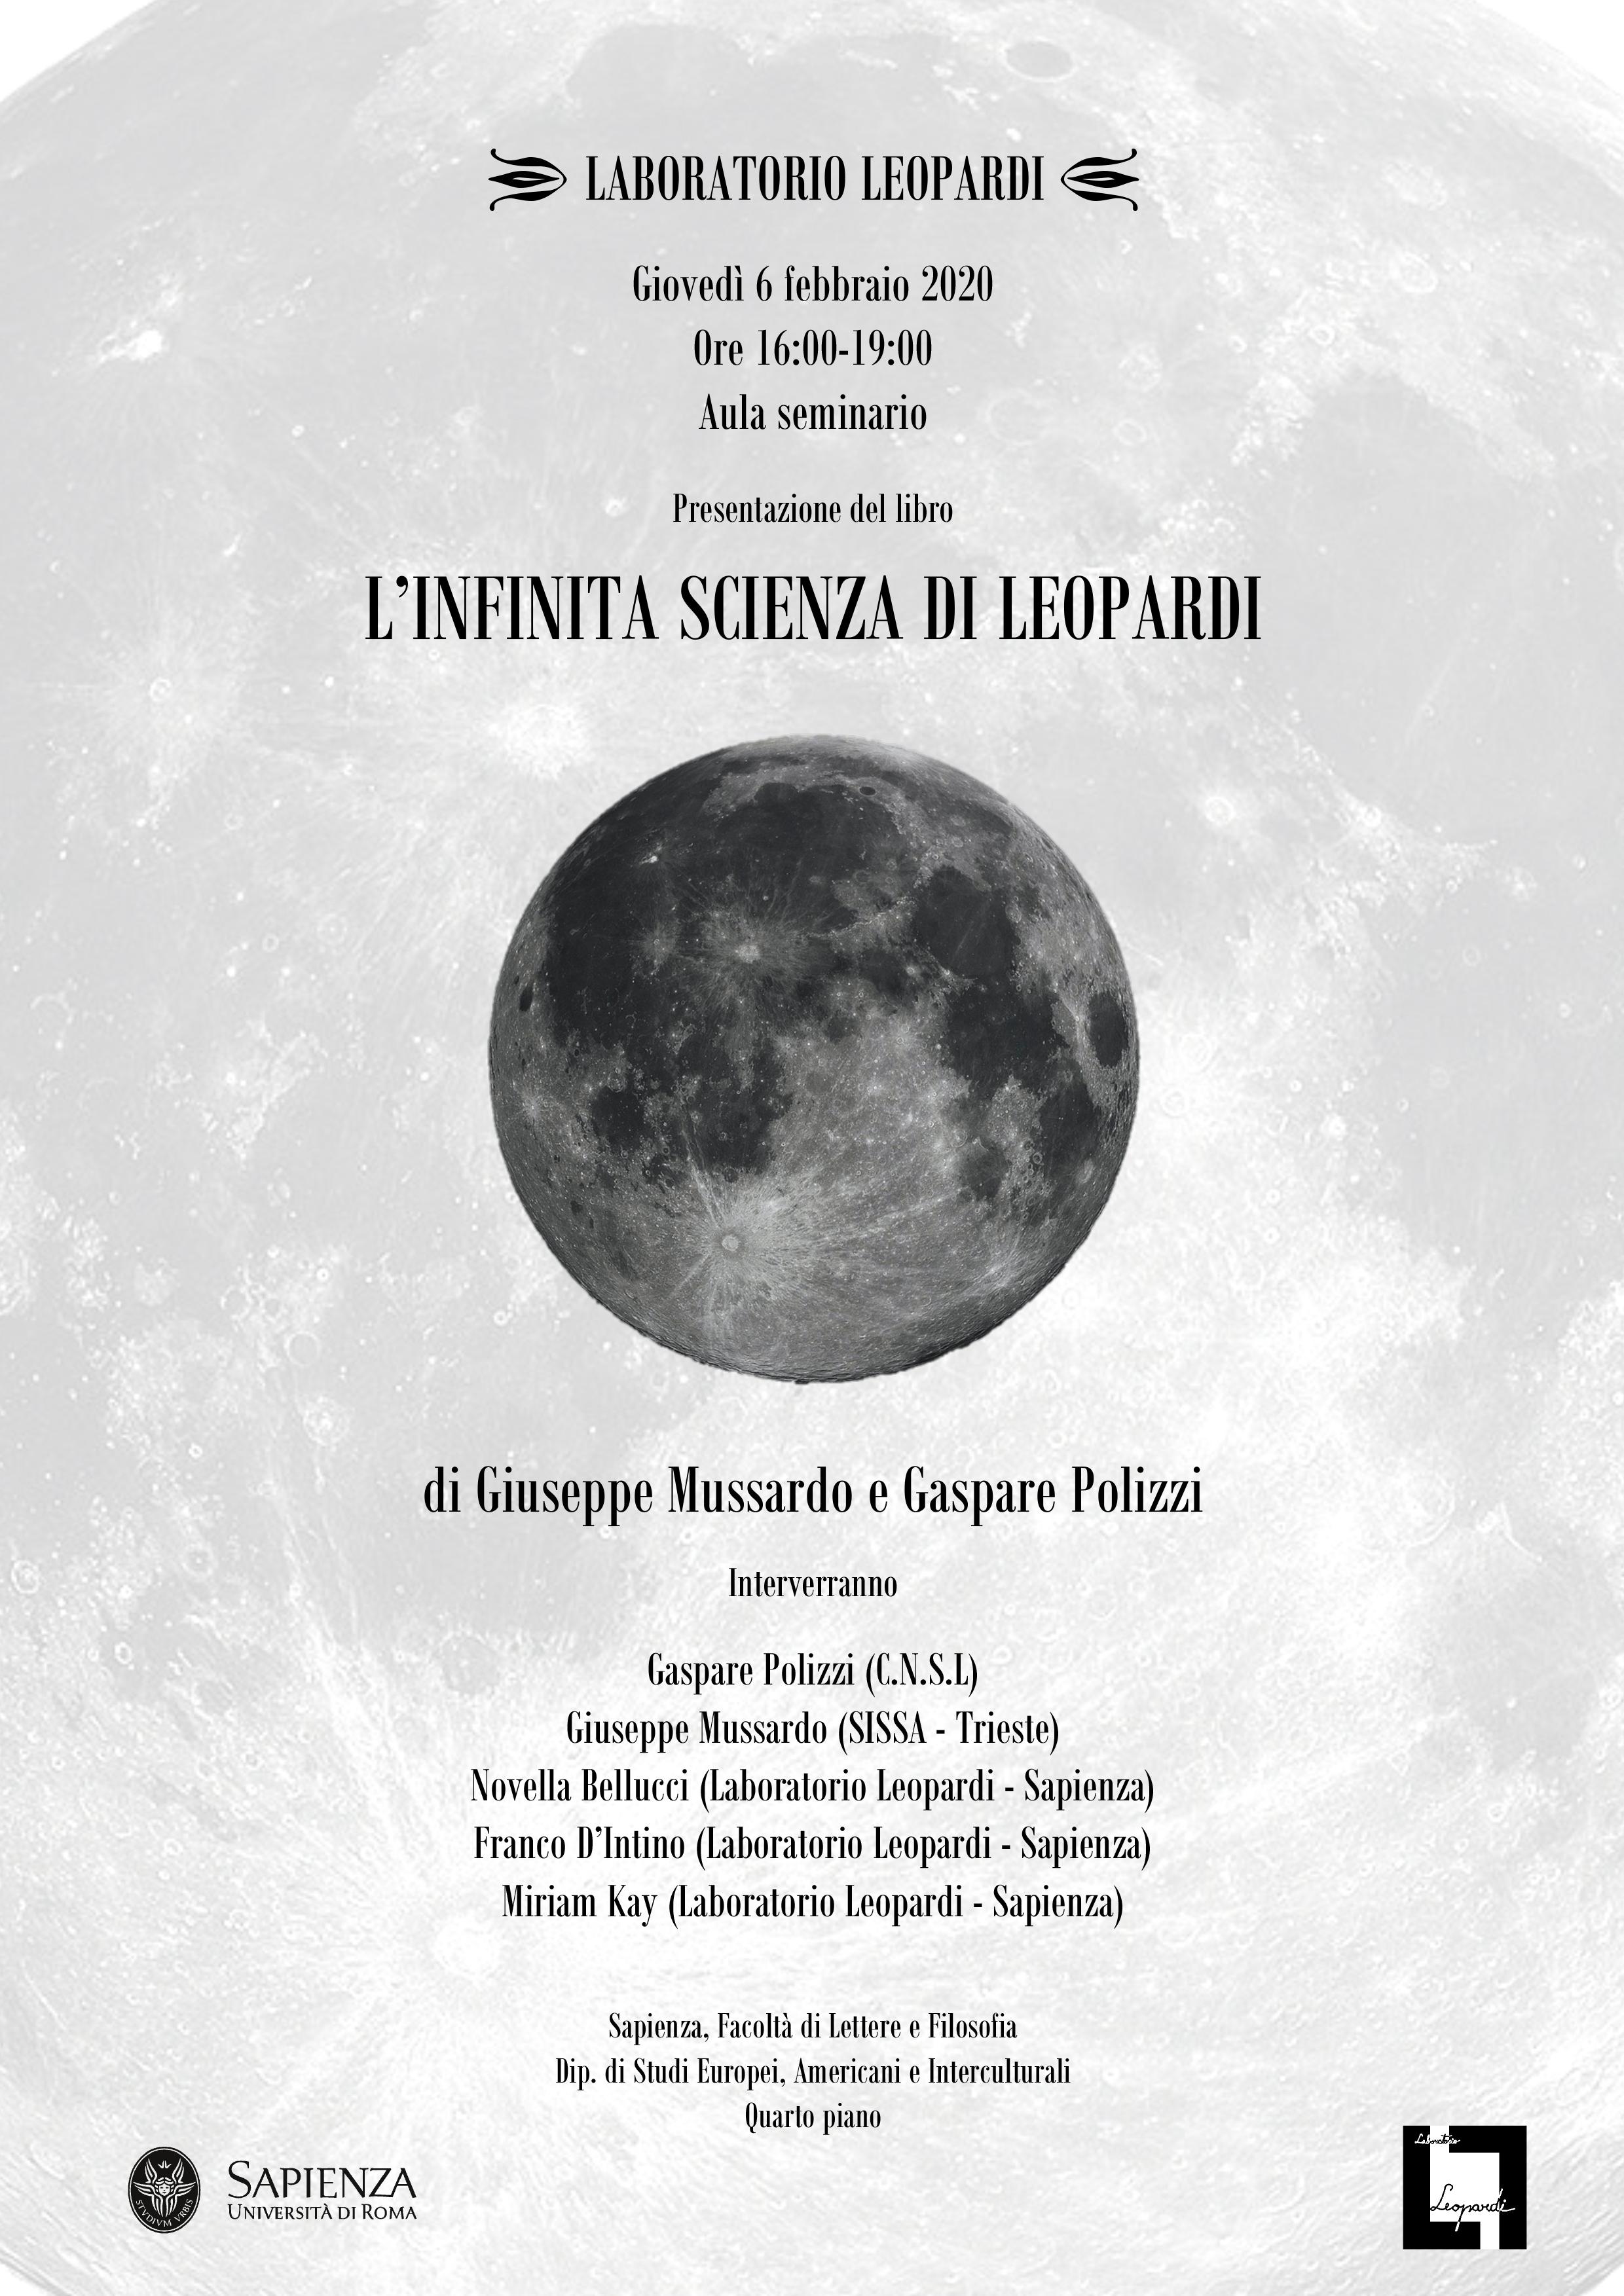 Presentazione del libro: L'infinita scienza di Leopardi